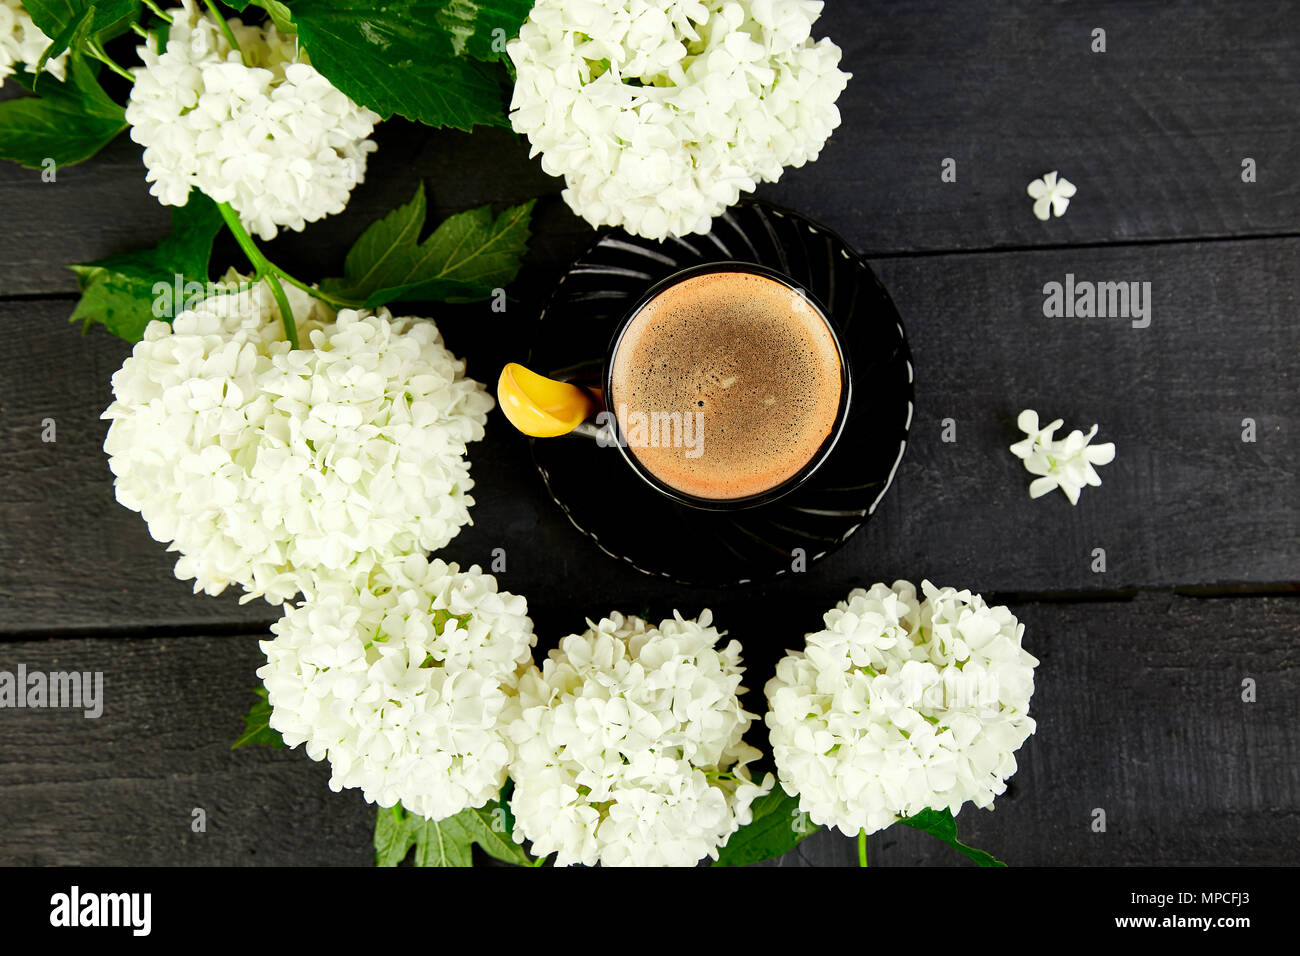 Tasse Kaffee Mit Blumenstrauß Blume Hydrangea Auf Schwarz